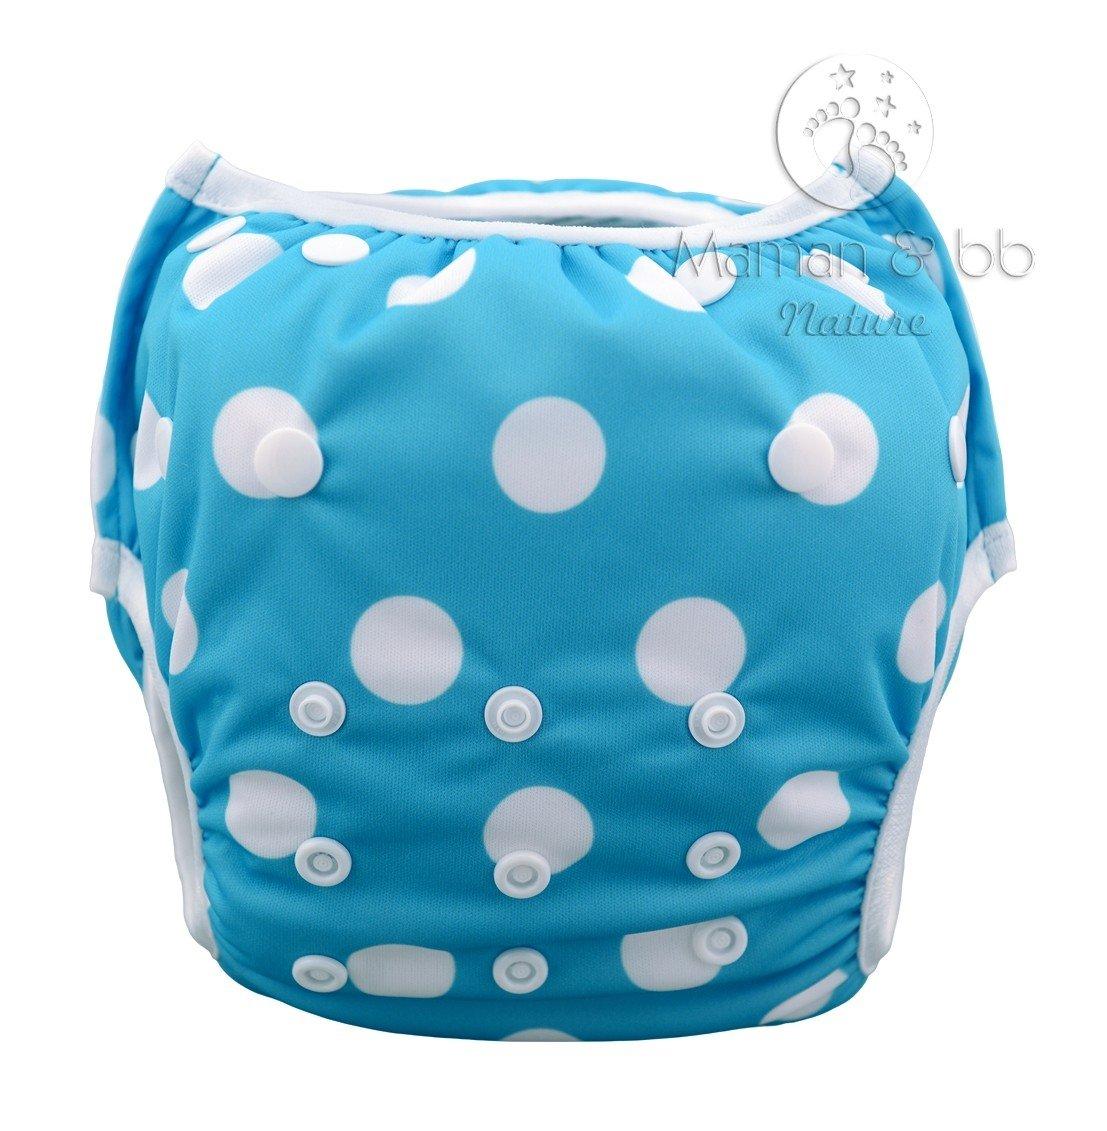 Couche maillot de bain pour bébé piscine et mer - turquoise a pois Maman et bb Nature